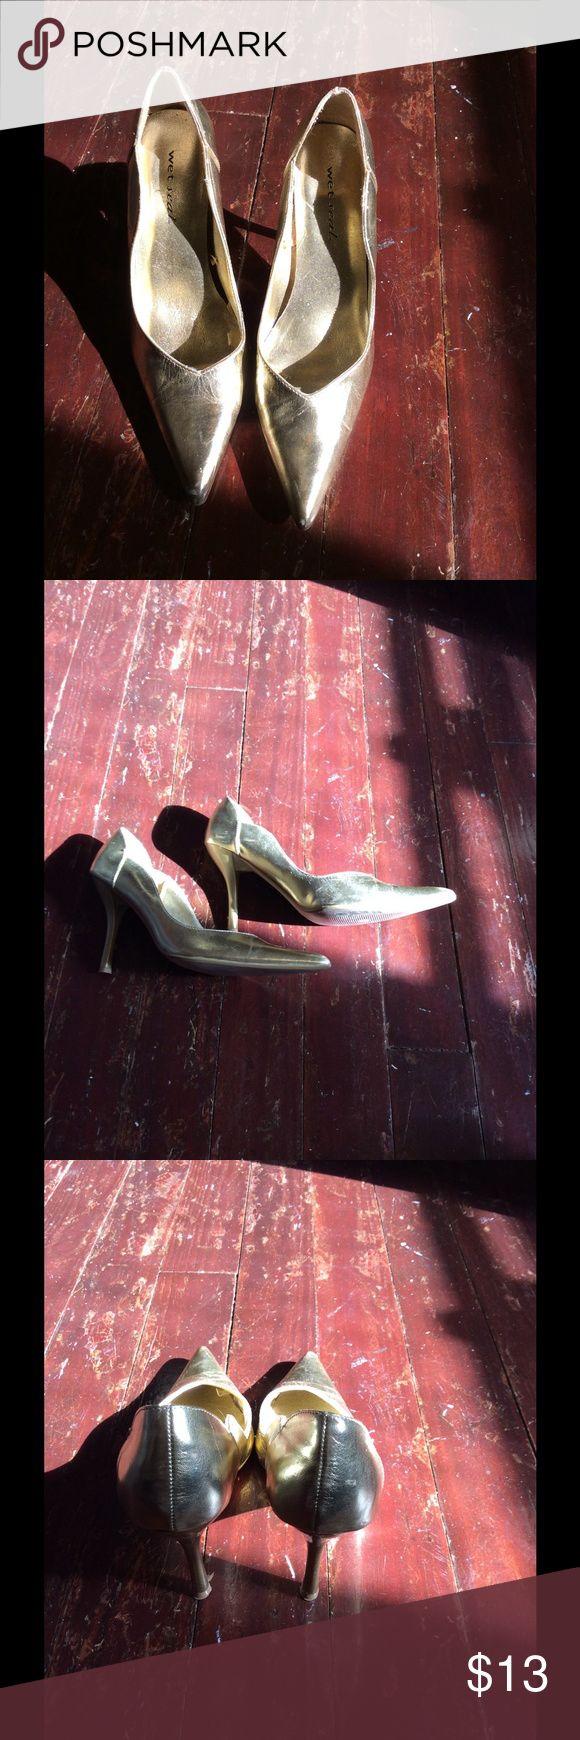 Wet seal gold stilettos. Size 7.5 Wet seal gold stilettos. Size 7.5 Wet Seal Shoes